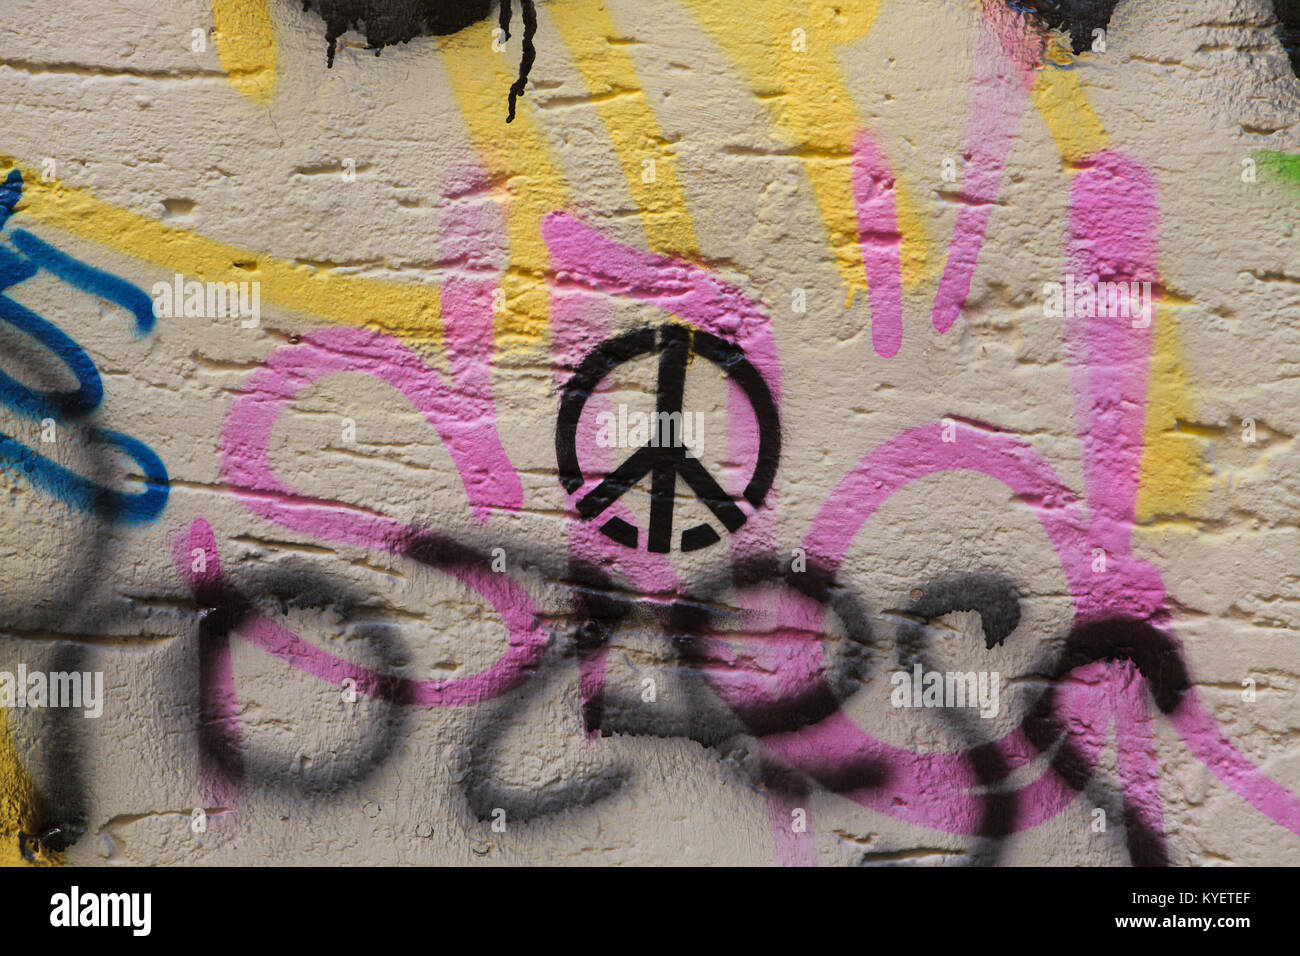 Simbolo di pace raffigurata sulla parete a Regensburg in Baviera, Germania. Immagini Stock